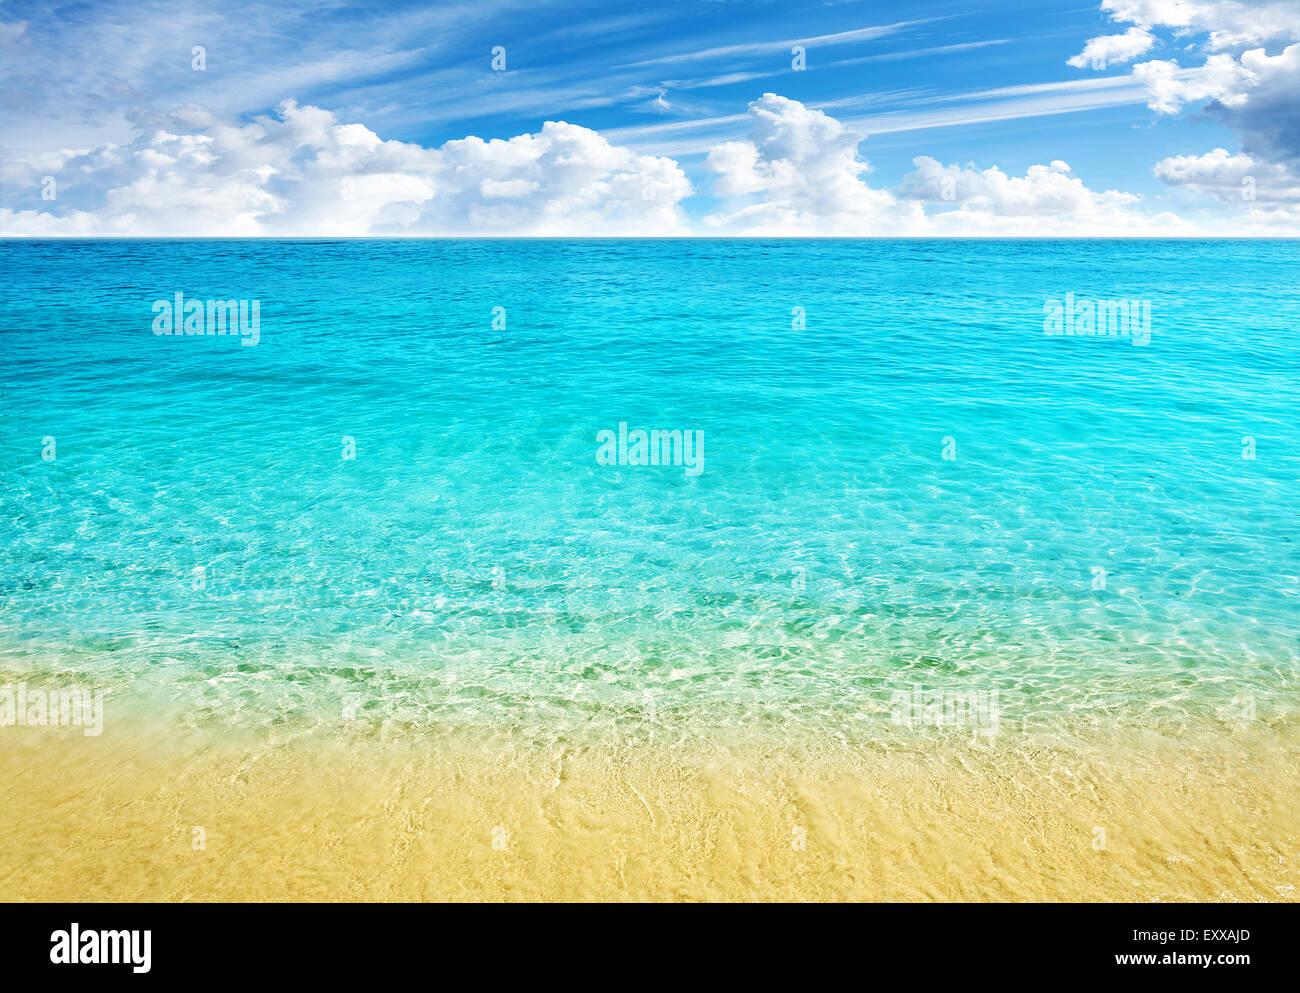 Fondo de verano en la playa, agua clara y azul cielo nublado. Imagen De Stock